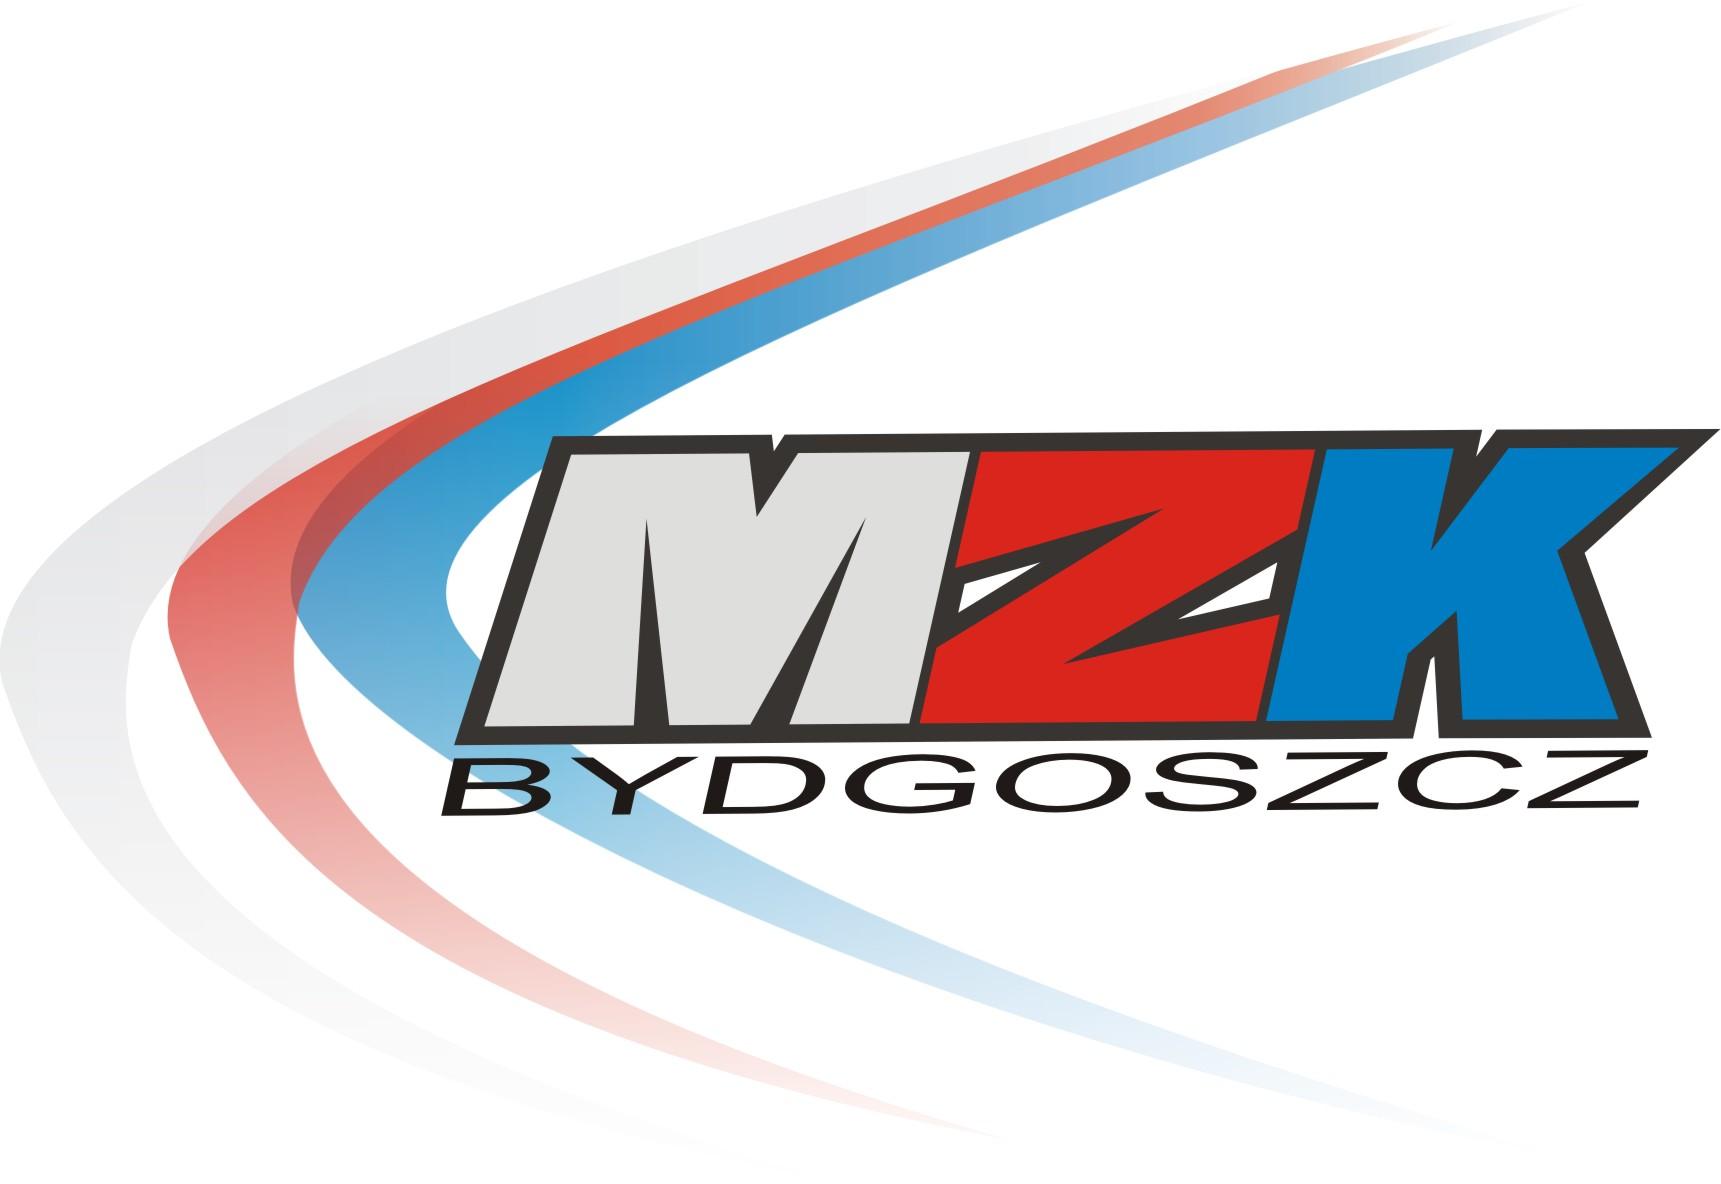 Obrazek przedstawia logo MZK    Sp. z o.o. w Bydgoszczy. Są to kolorowe wielkie litery M, Z i K w czarnej obwódce (m jest białe, z jest czerwone i K jest niebieskie). Pod literami znajduje się czarny napis Bydgoszcz.